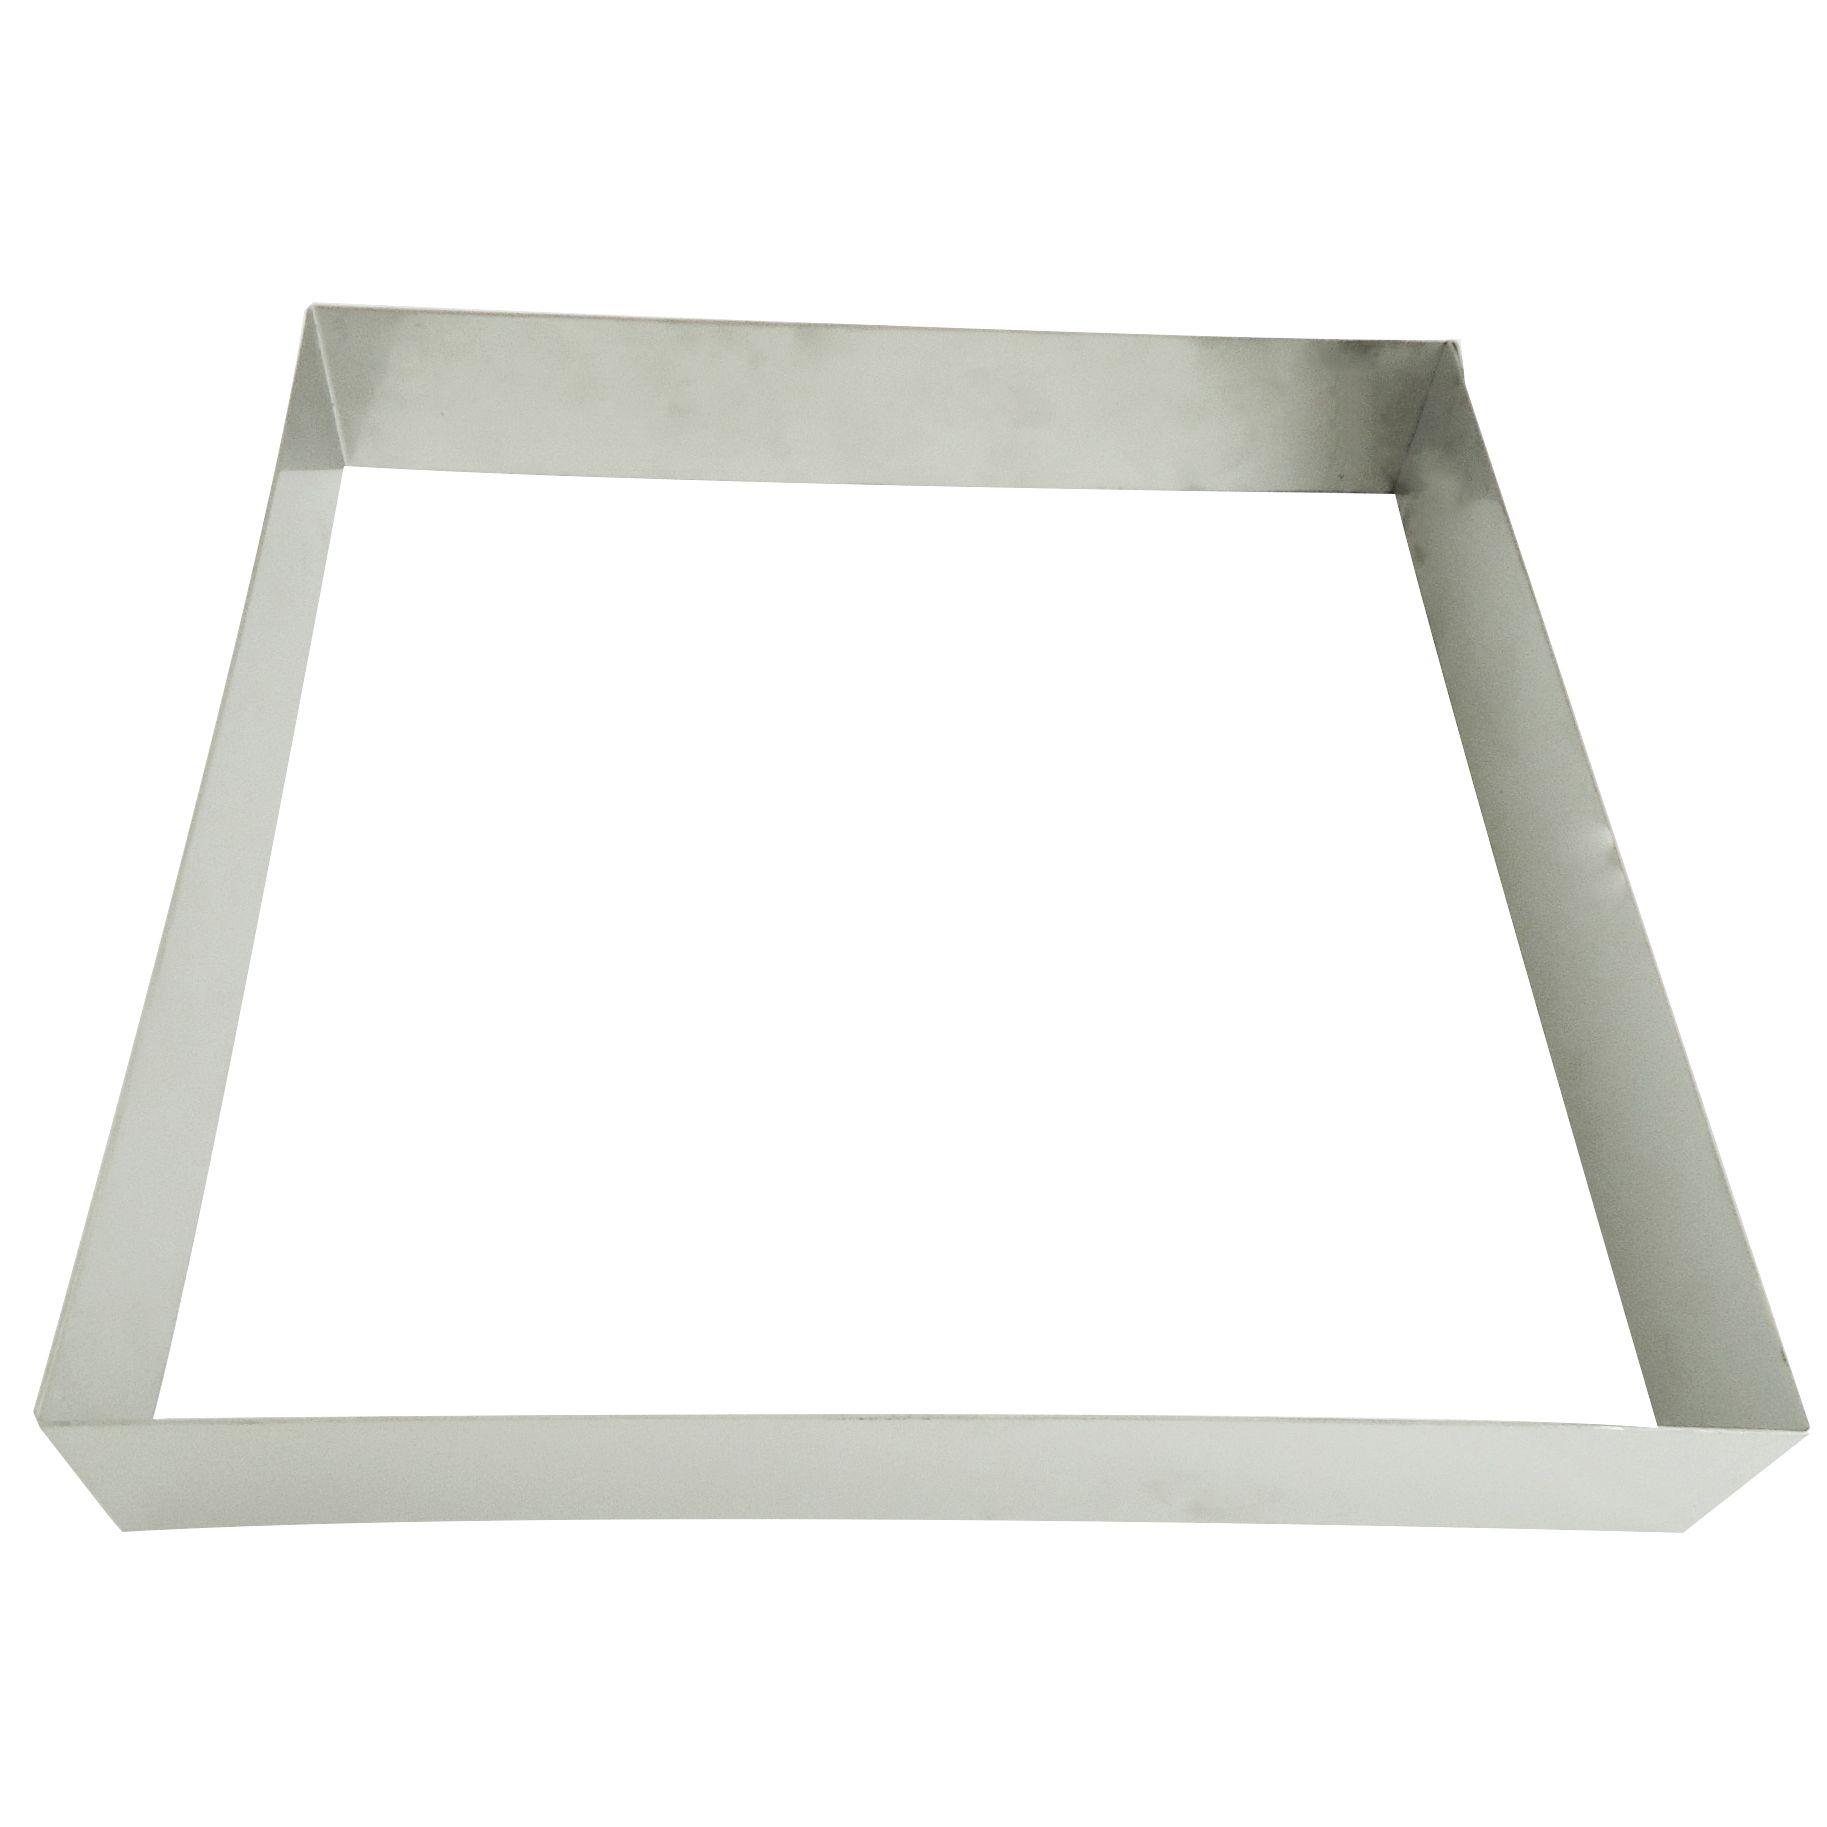 Τσέρκι Τετράγωνο-Ορθογώνιο